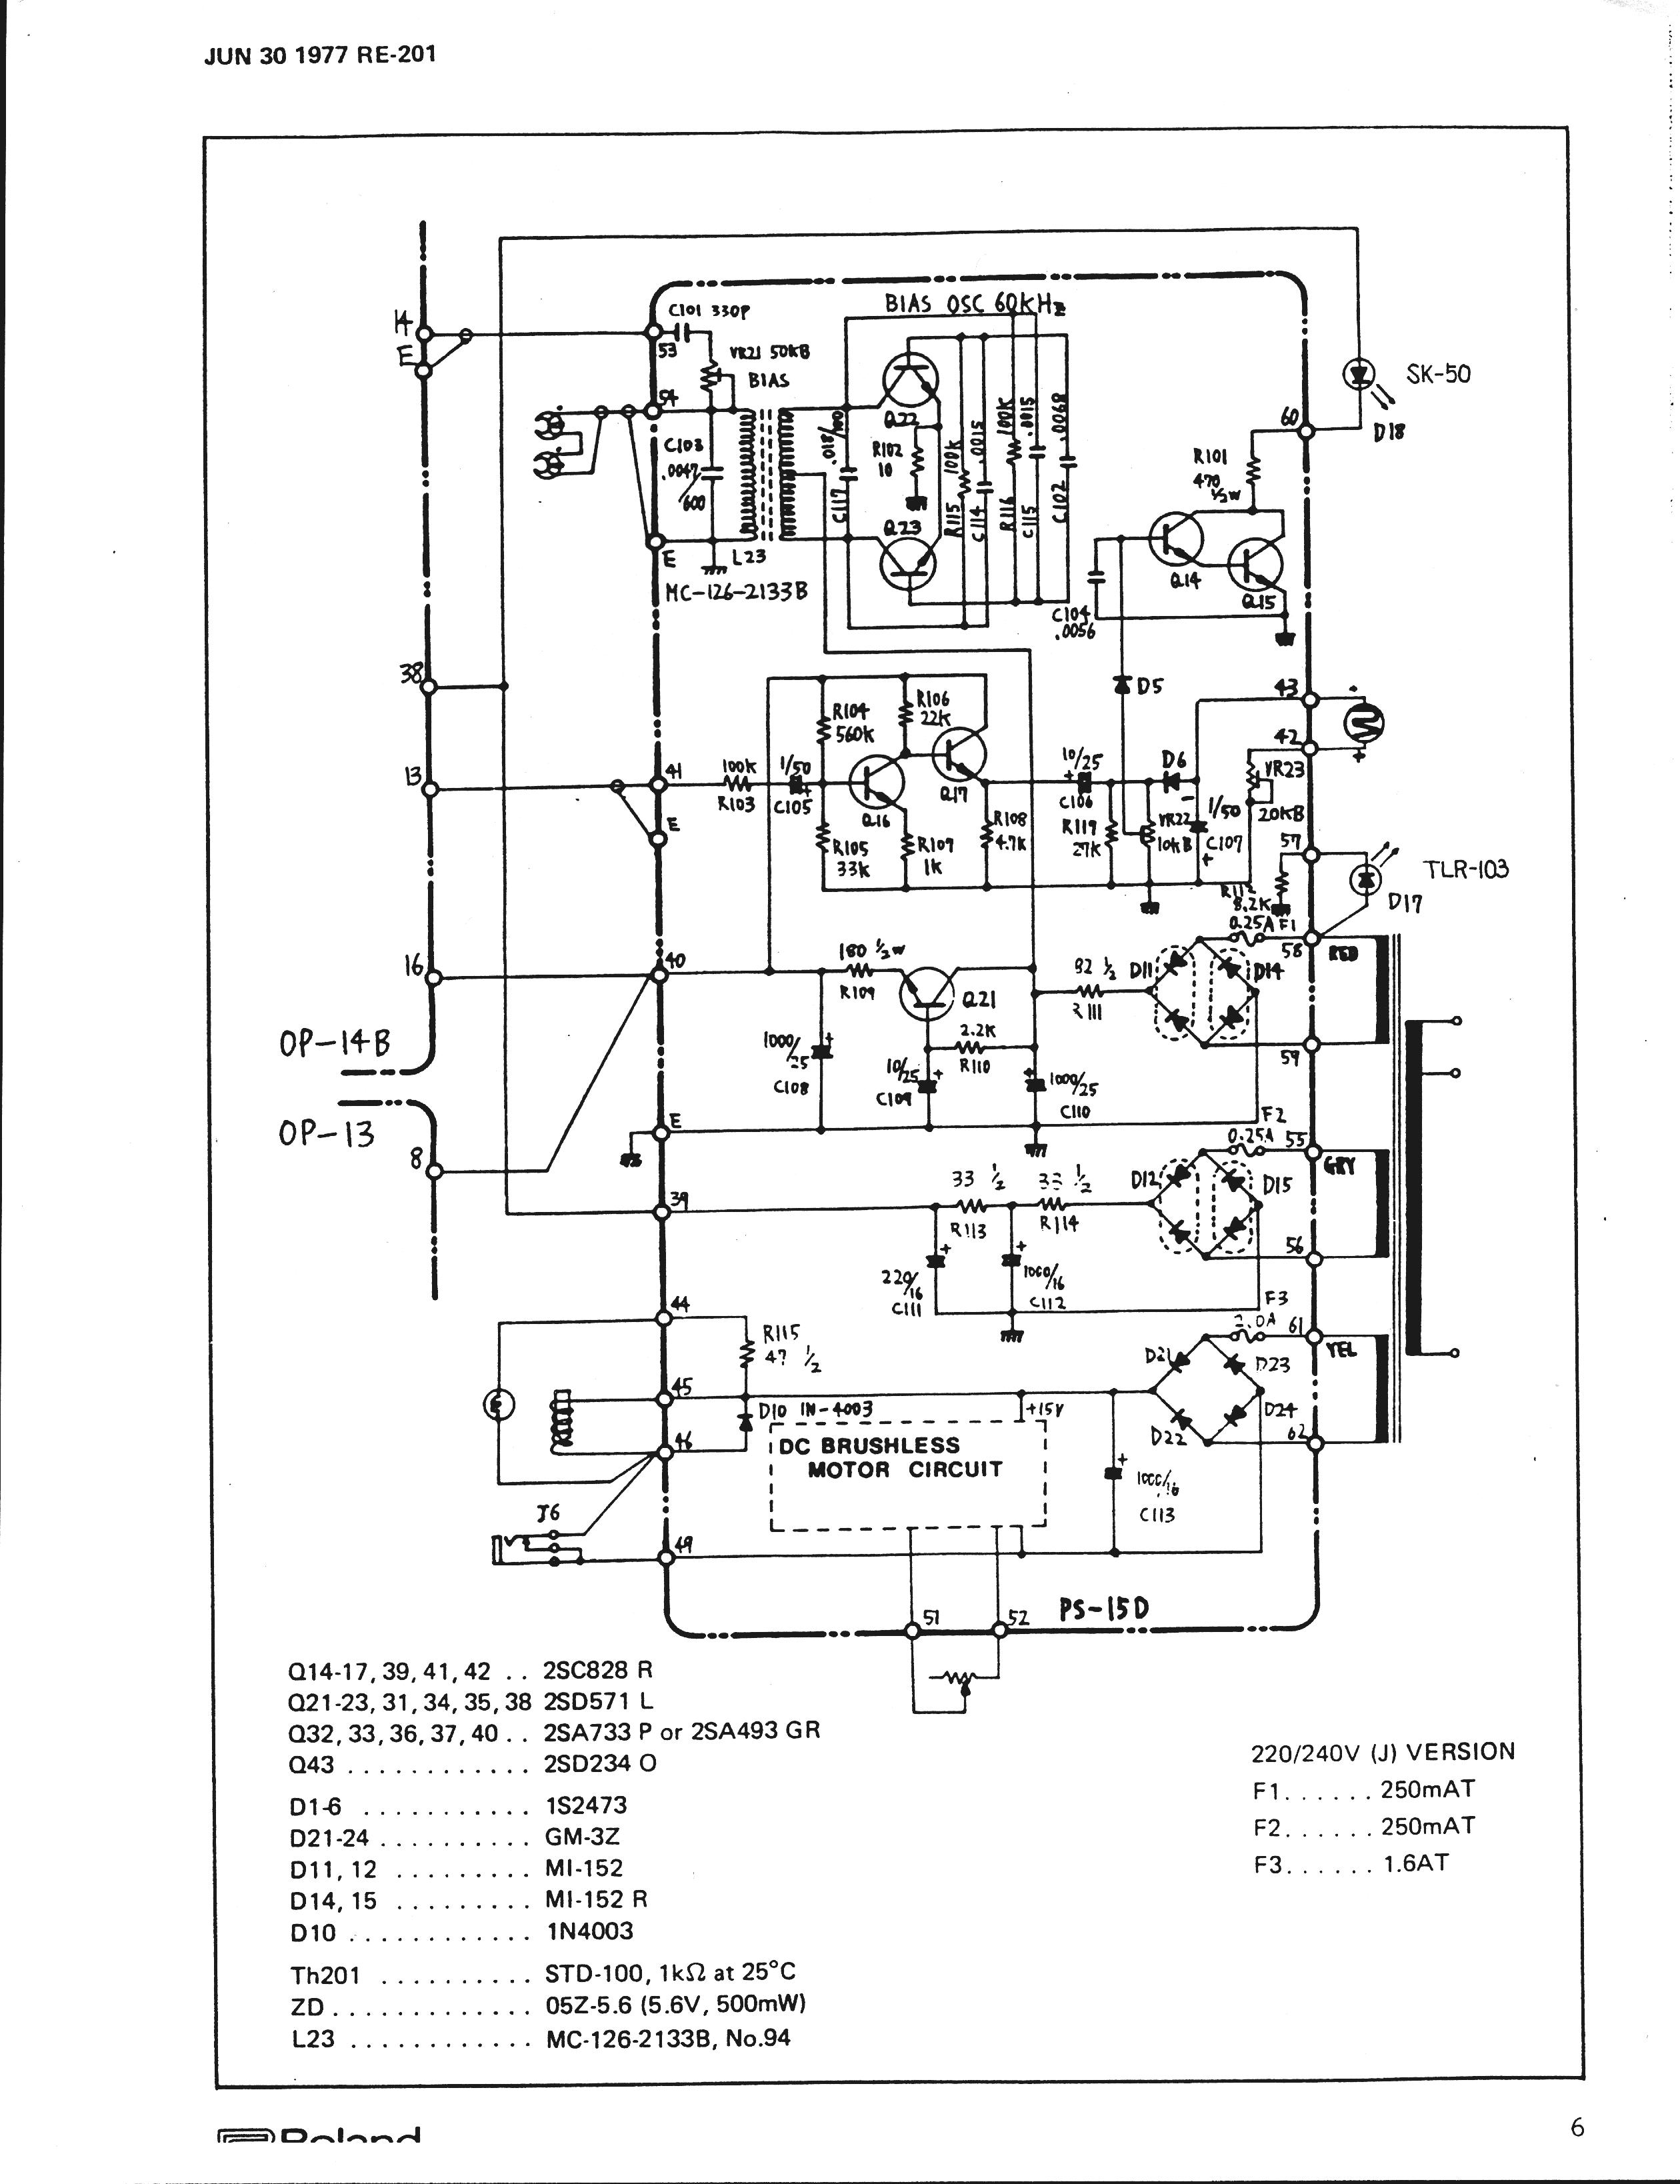 Tolle Schaltplan Des Heizers 240v Bilder - Elektrische Schaltplan ...